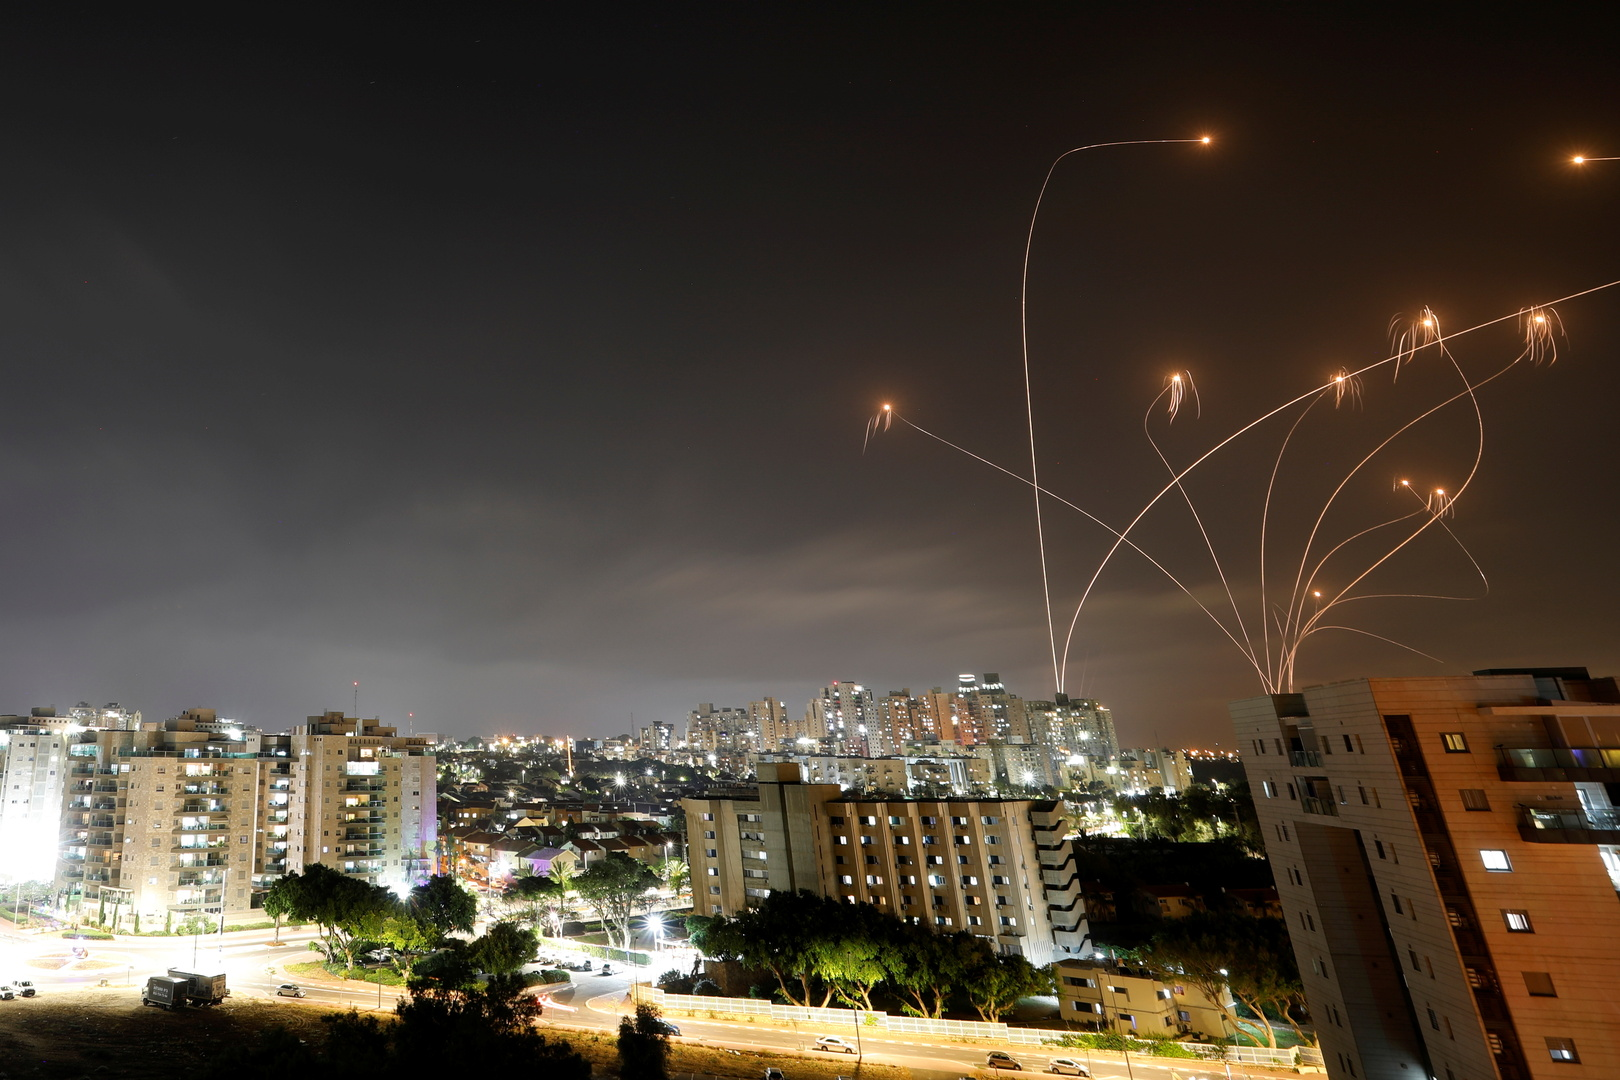 الرئاسة الفلسطينية تحمل إسرائيل مسؤولية التصعيد في غزة والقدس